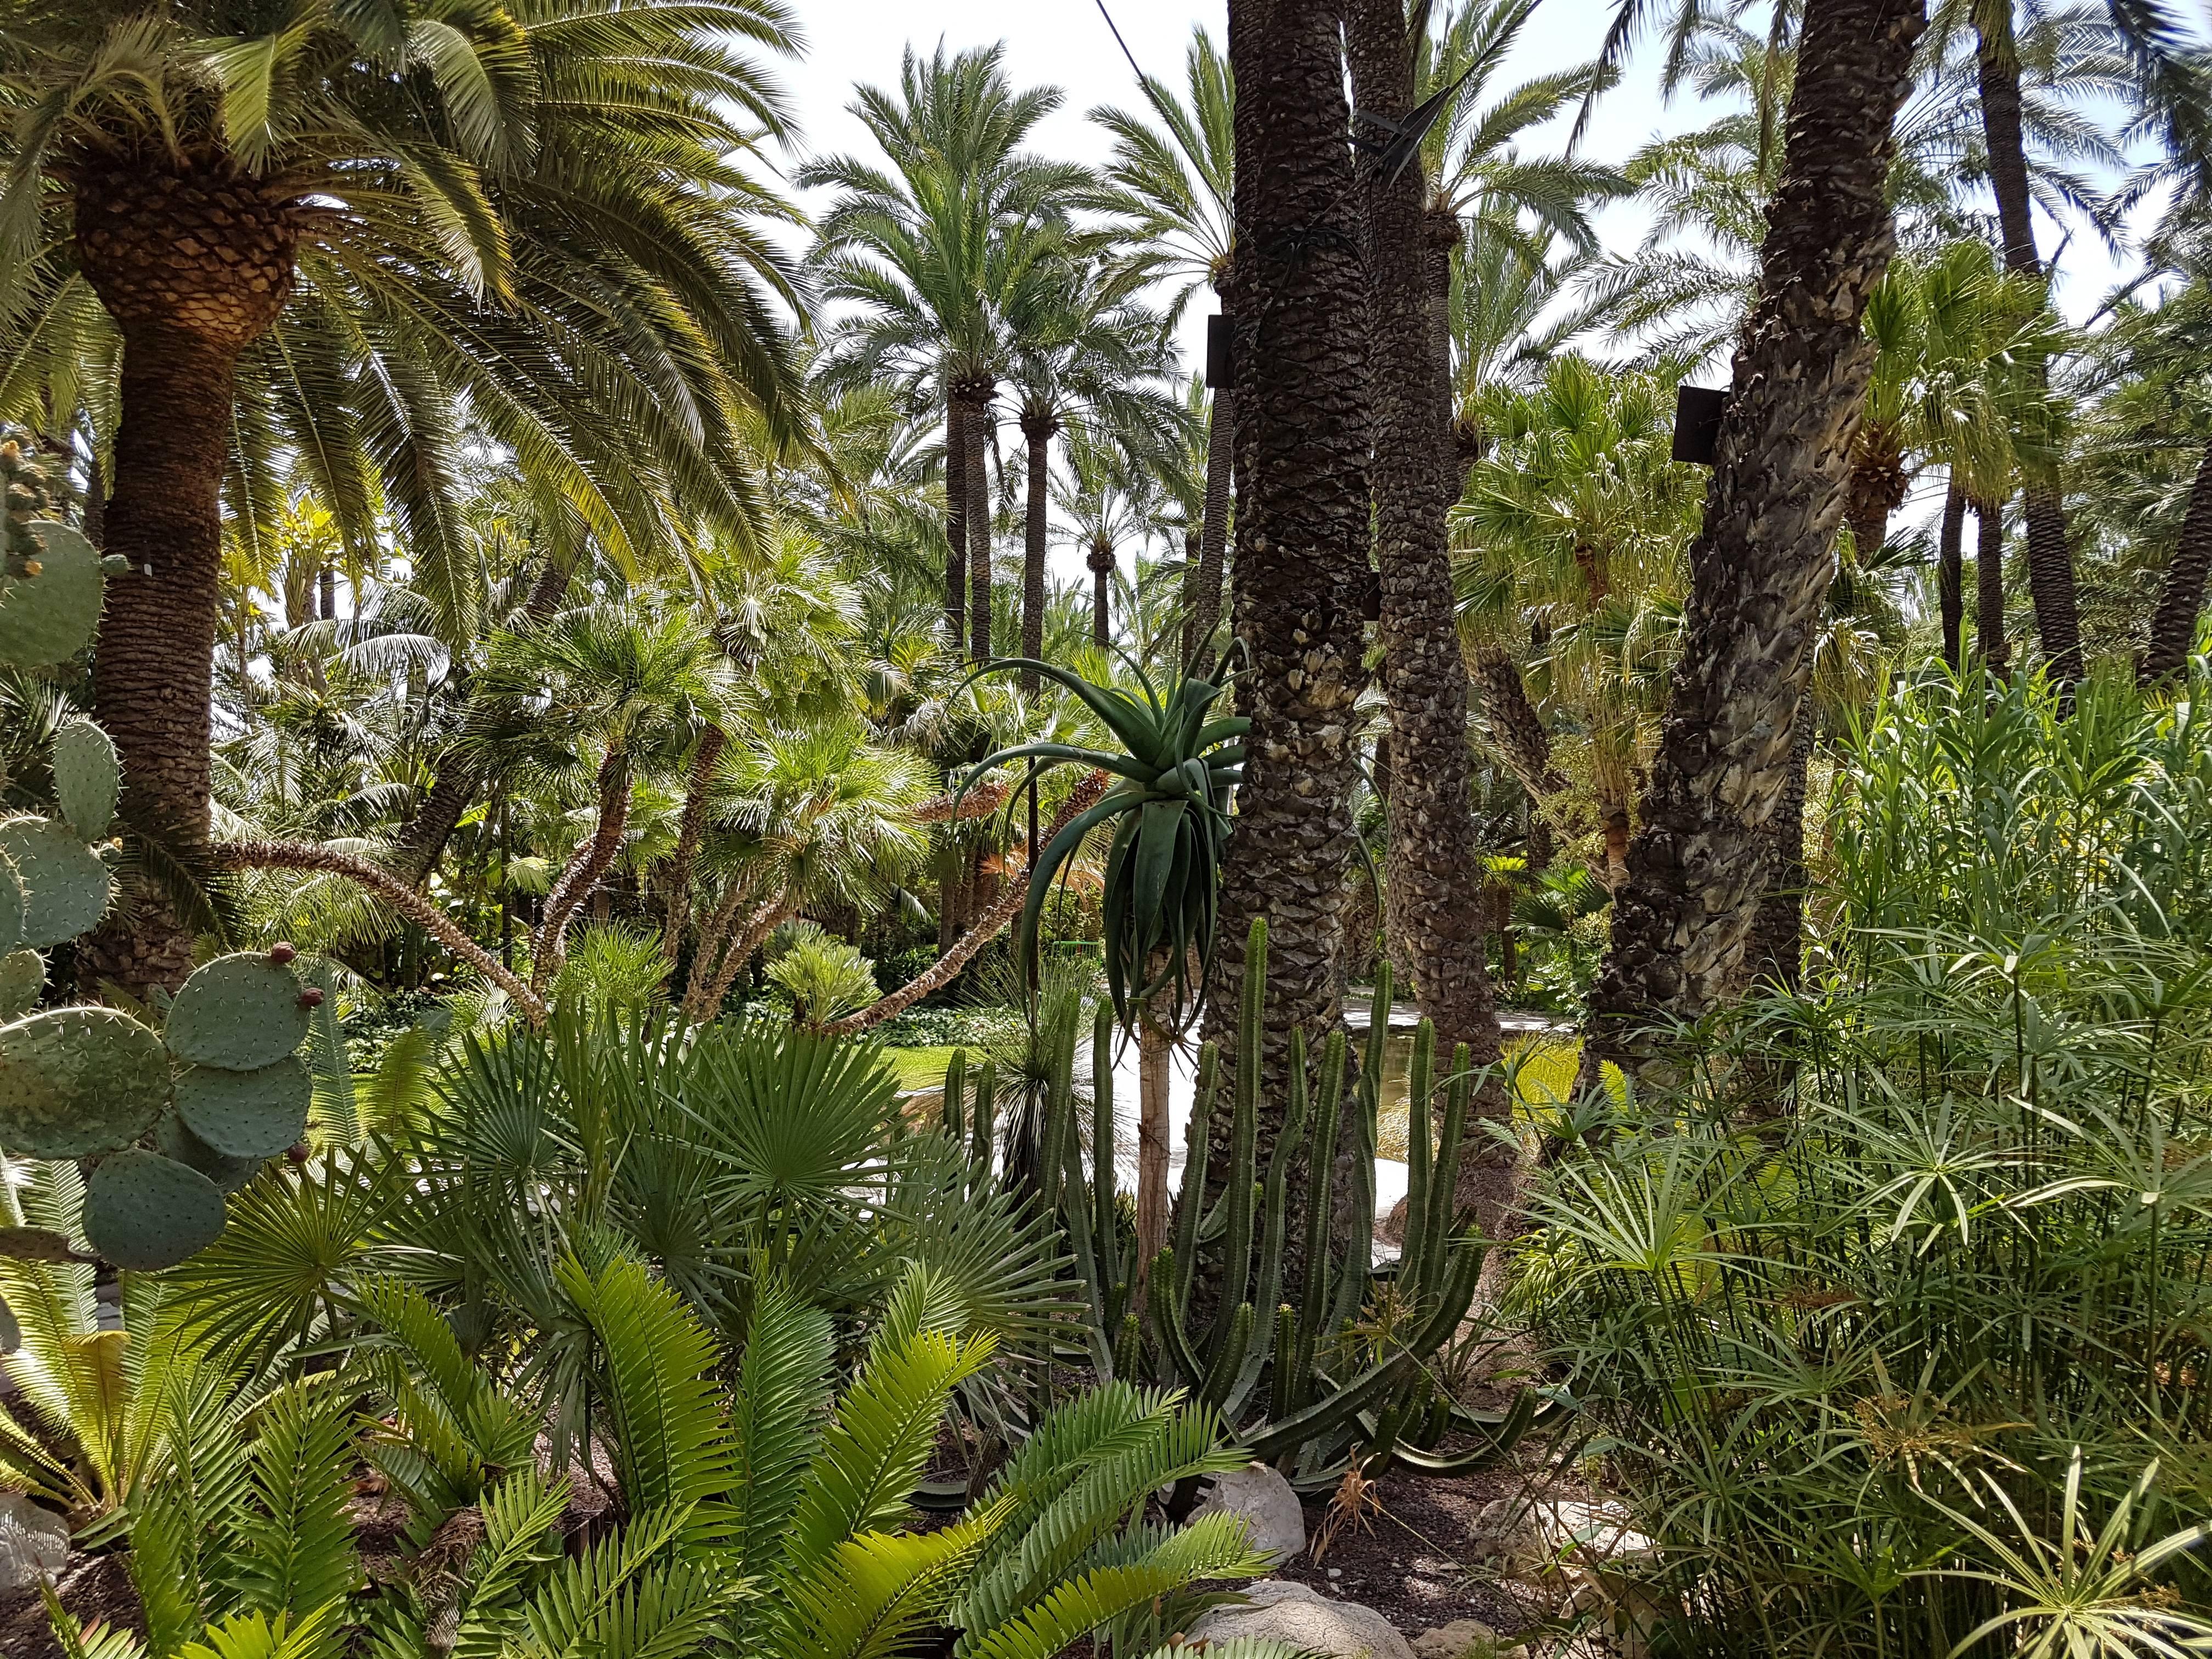 Photo 1: Elche - El jardin del cura - Un endroit impressionnant